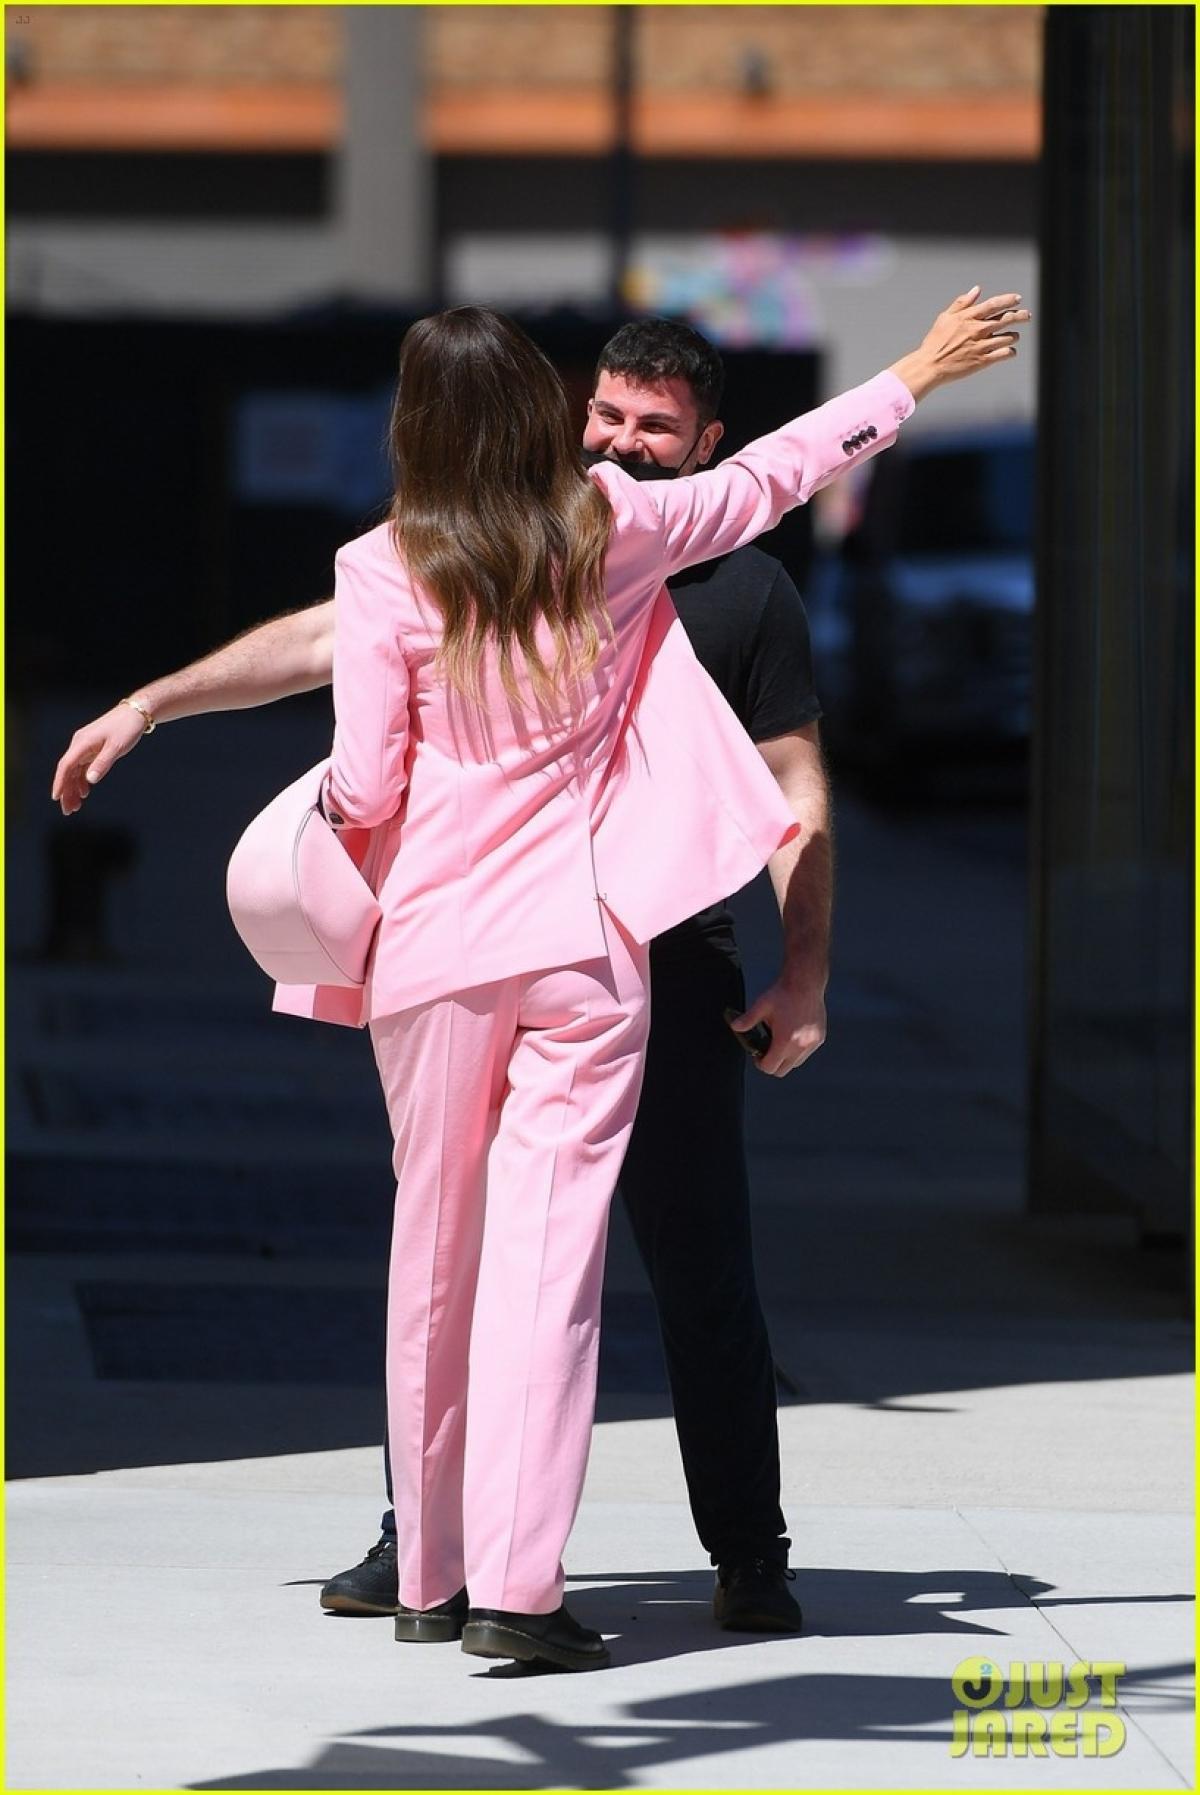 'Mẹ đơn thân' Irina Shayk diện suit hồng nổi bật đi chơi cùng bạn thân Ảnh 2